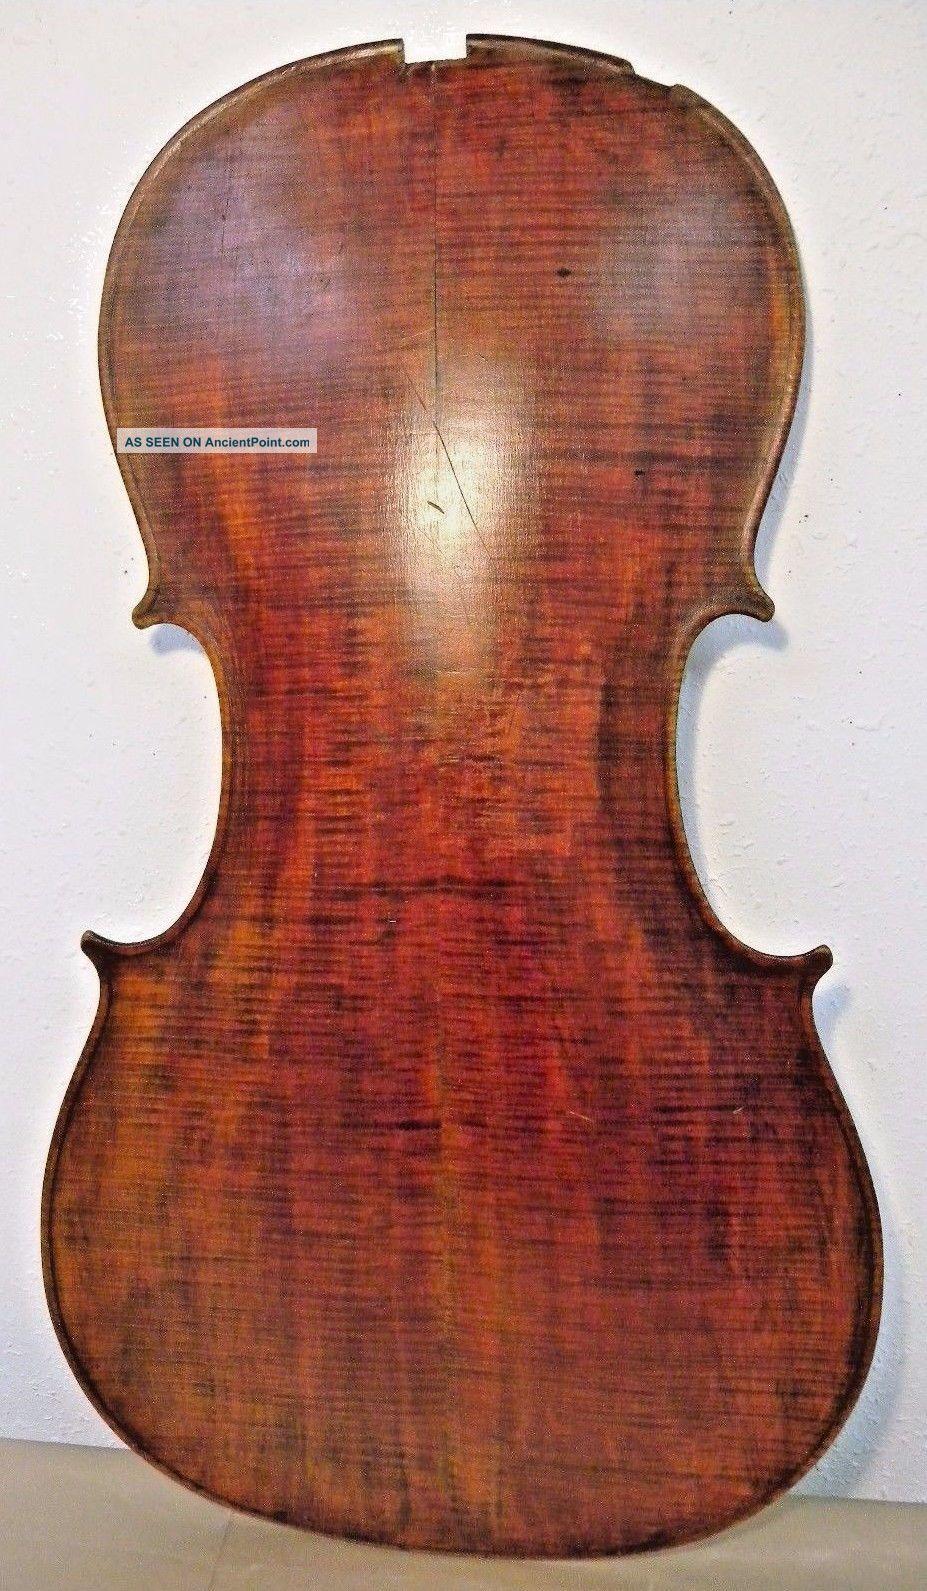 Antique 19c Cello Back Austrian Copy Of Nicolo Amati